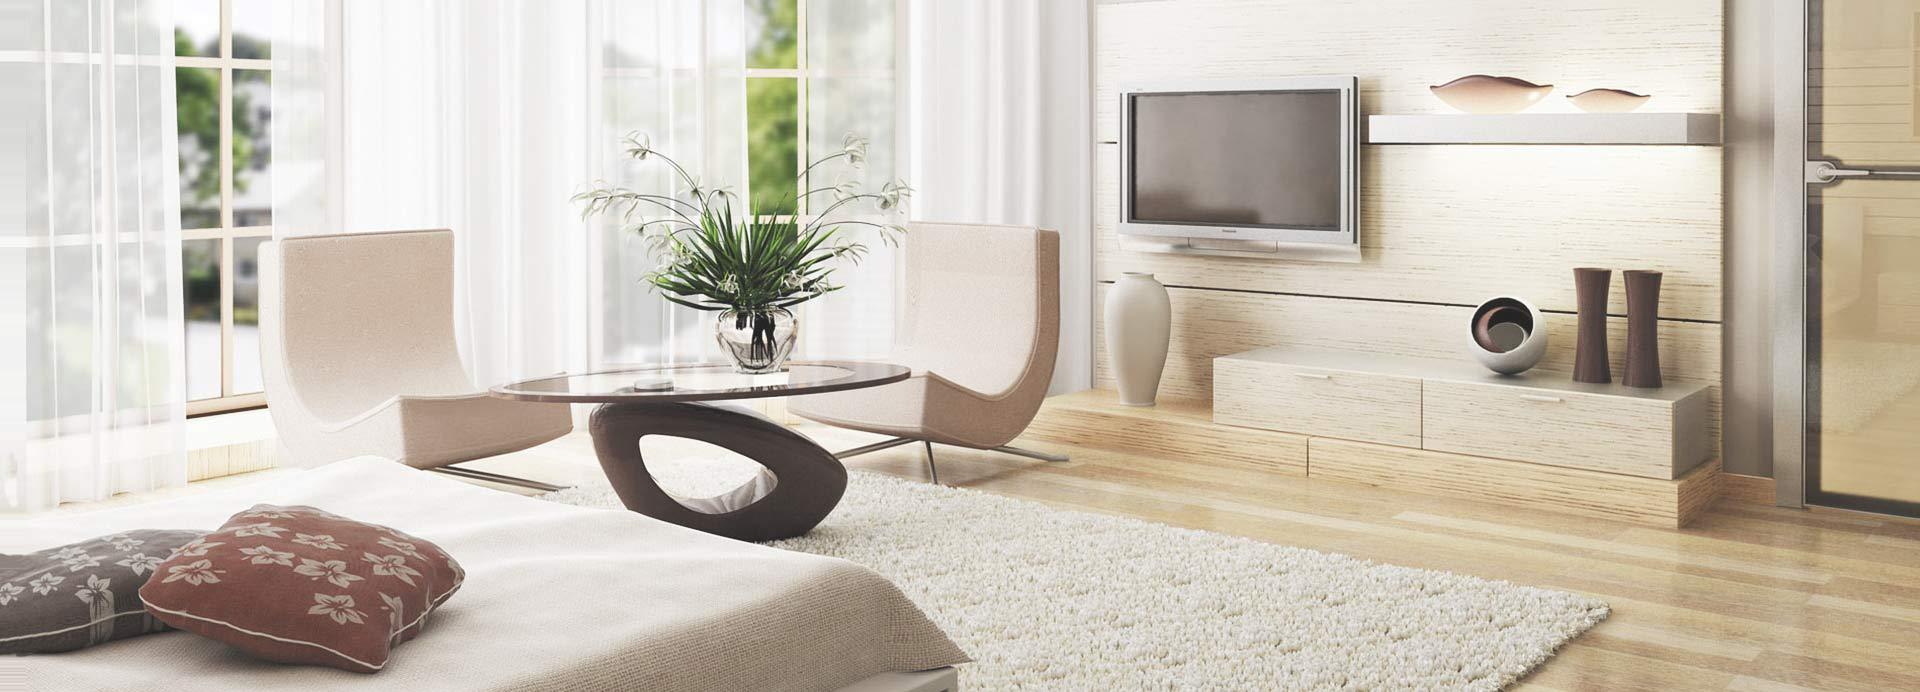 home_furniture_contact_bg